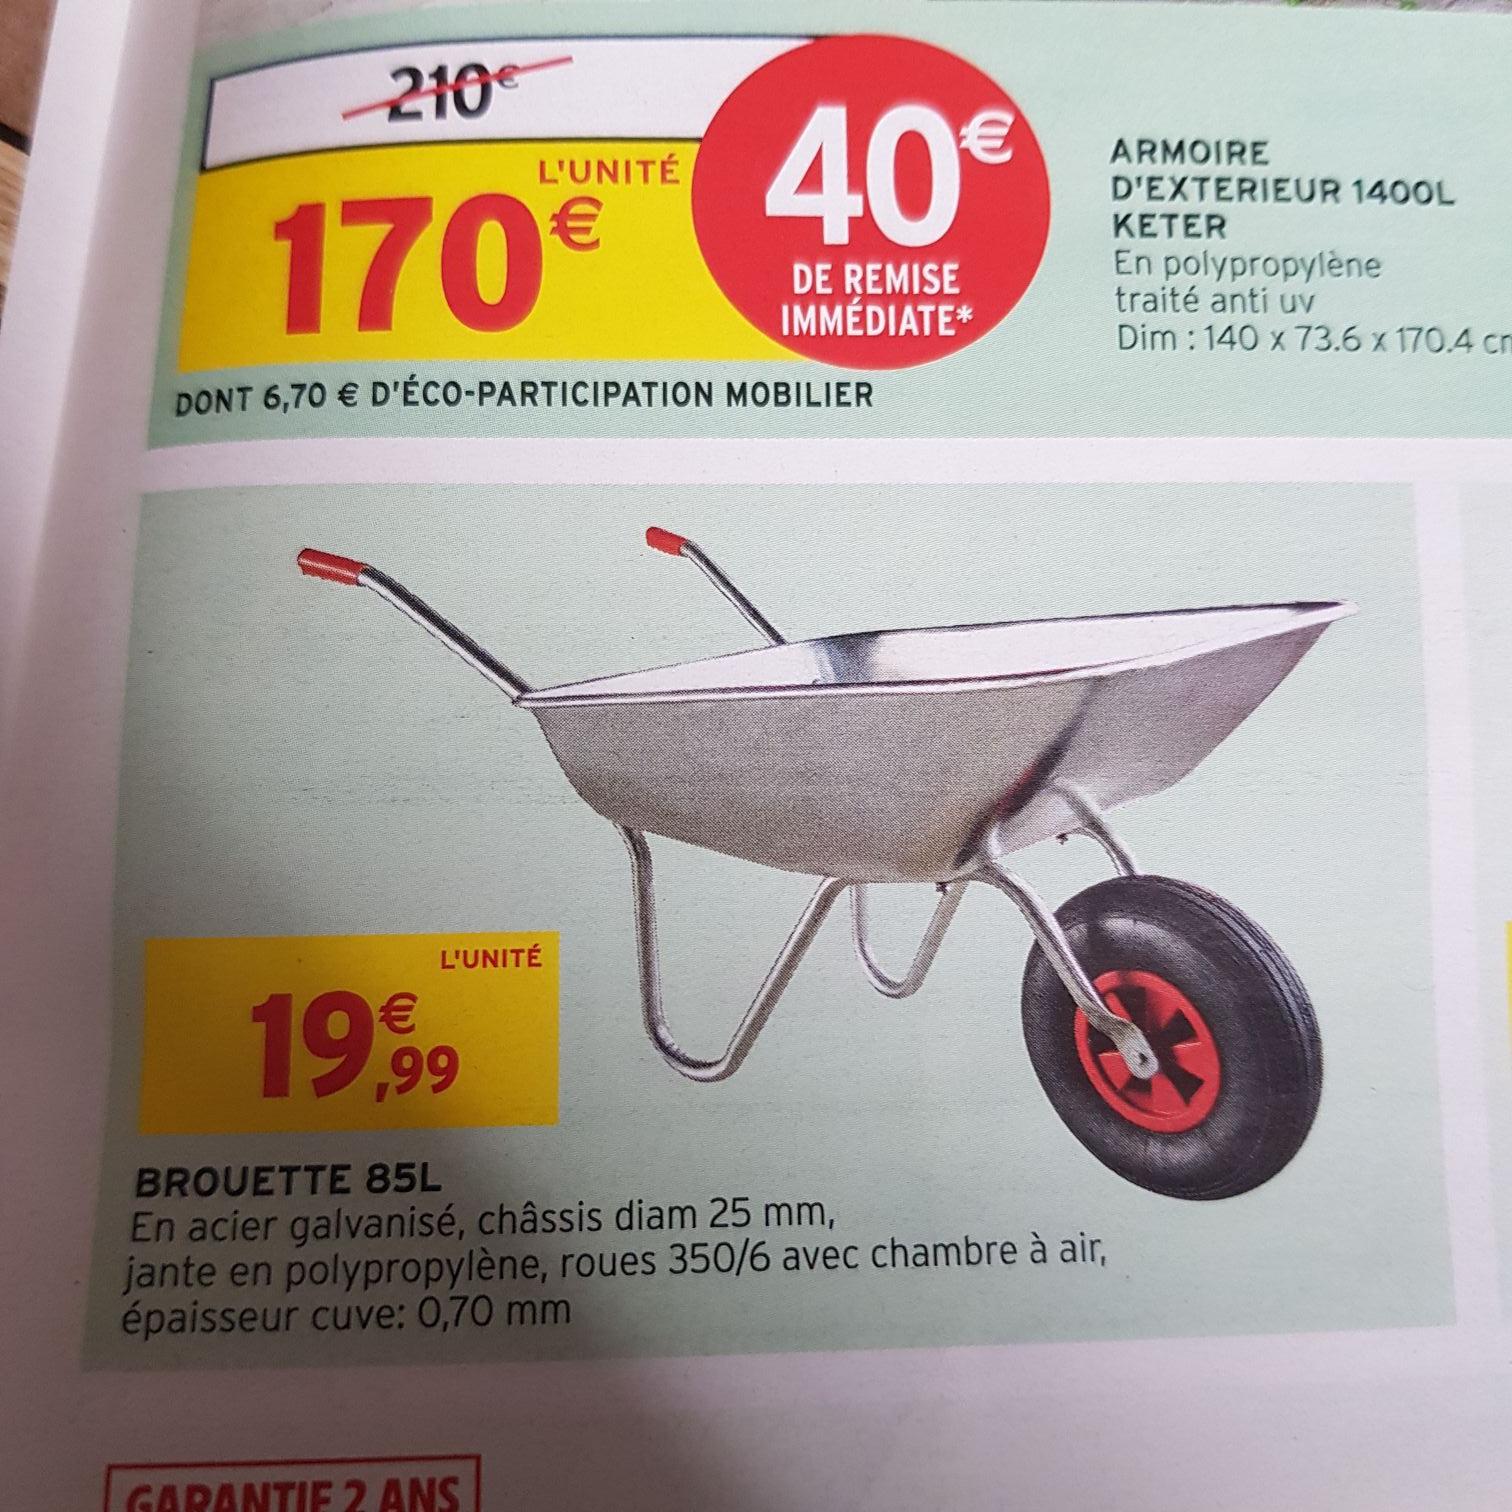 Brouette en acier galvanisé - 85L (Basse-Ham 57 / Neuves-Maisons 54)